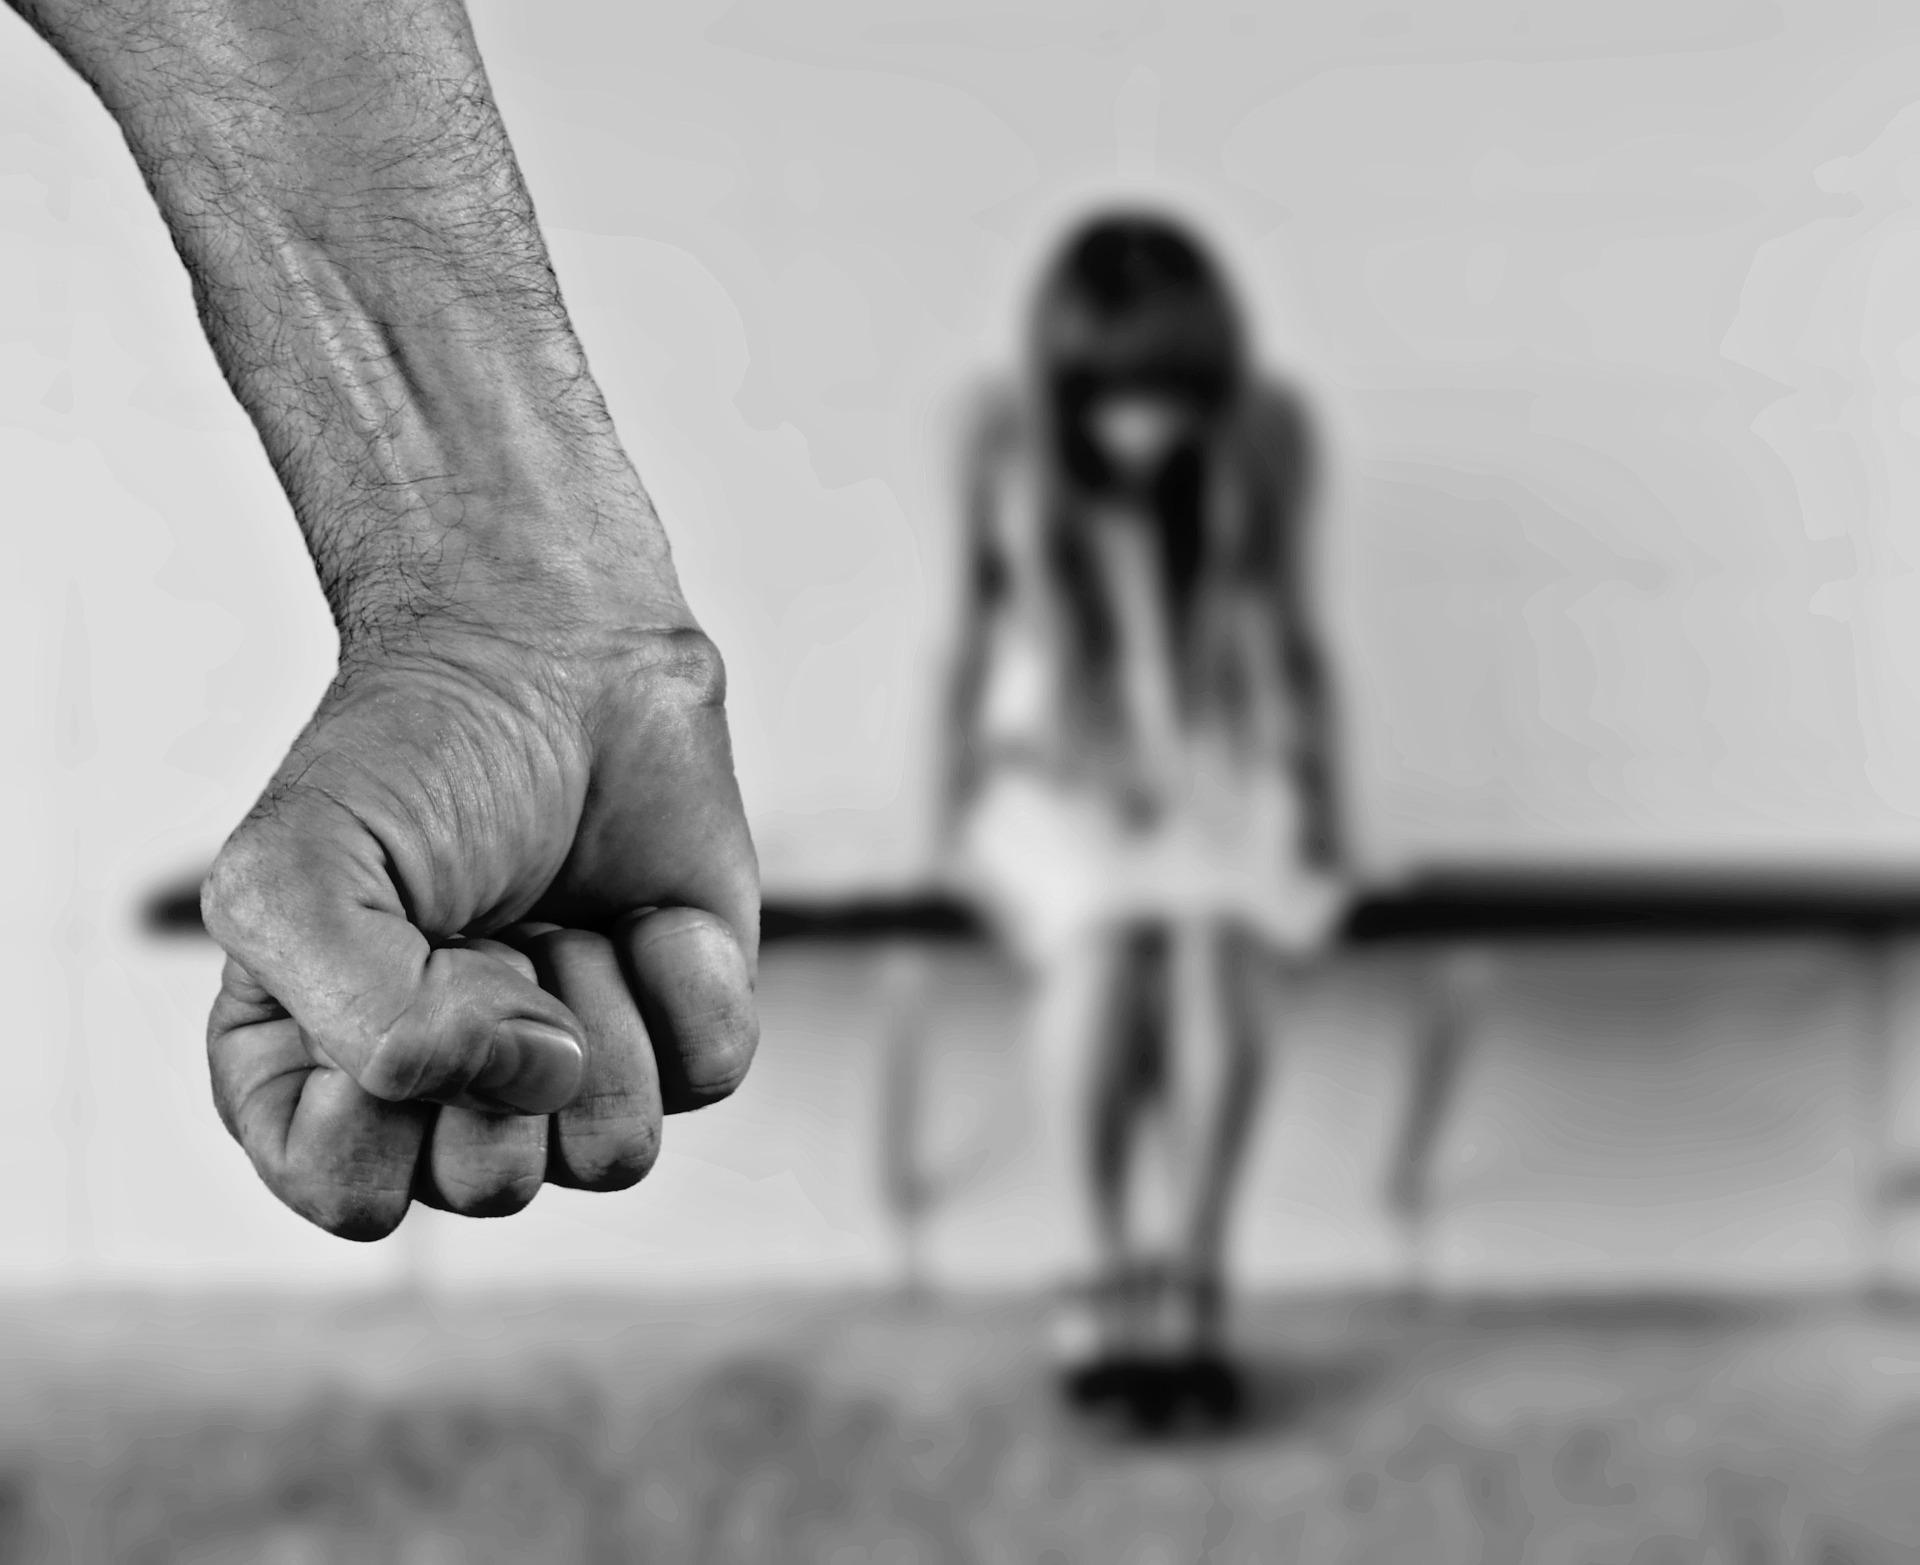 Comment gérer l'agressivité et la violence de votre partenaire